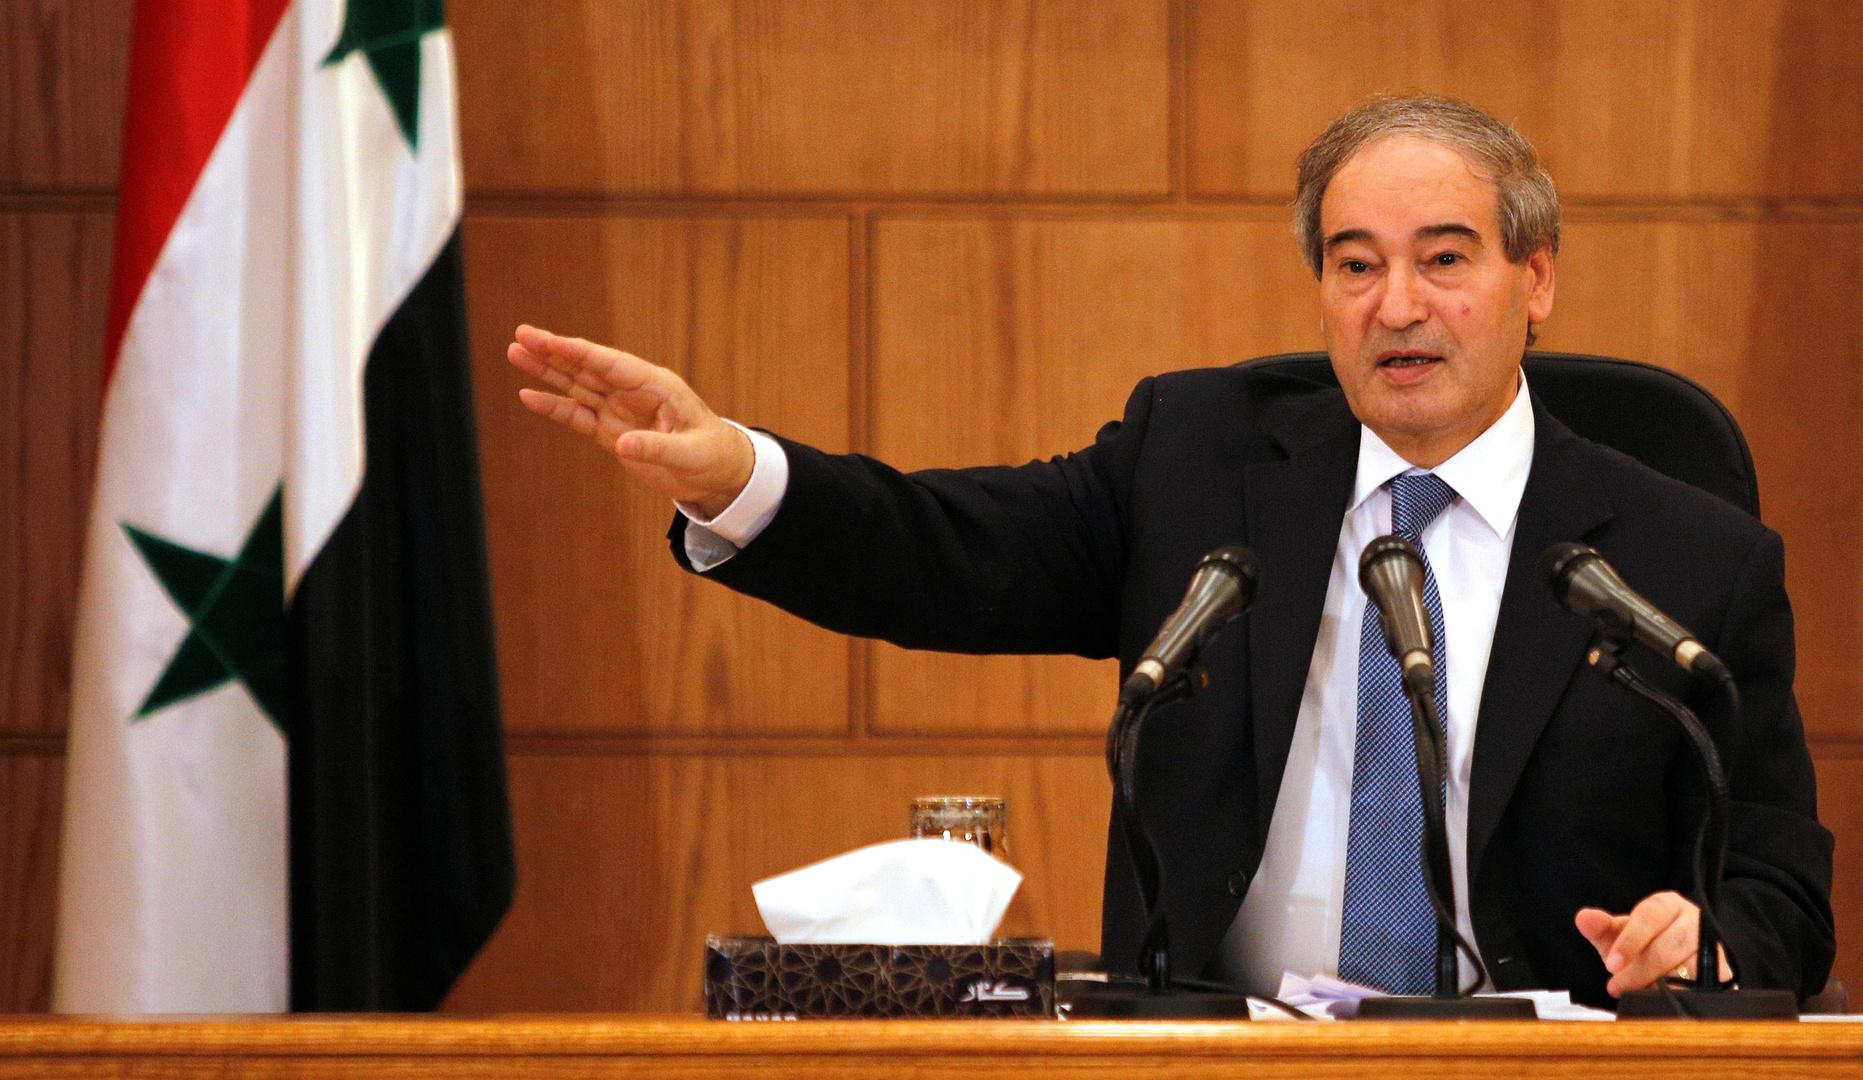 المقداد: إيران وسوريا تربطهما علاقات واسعة جدا